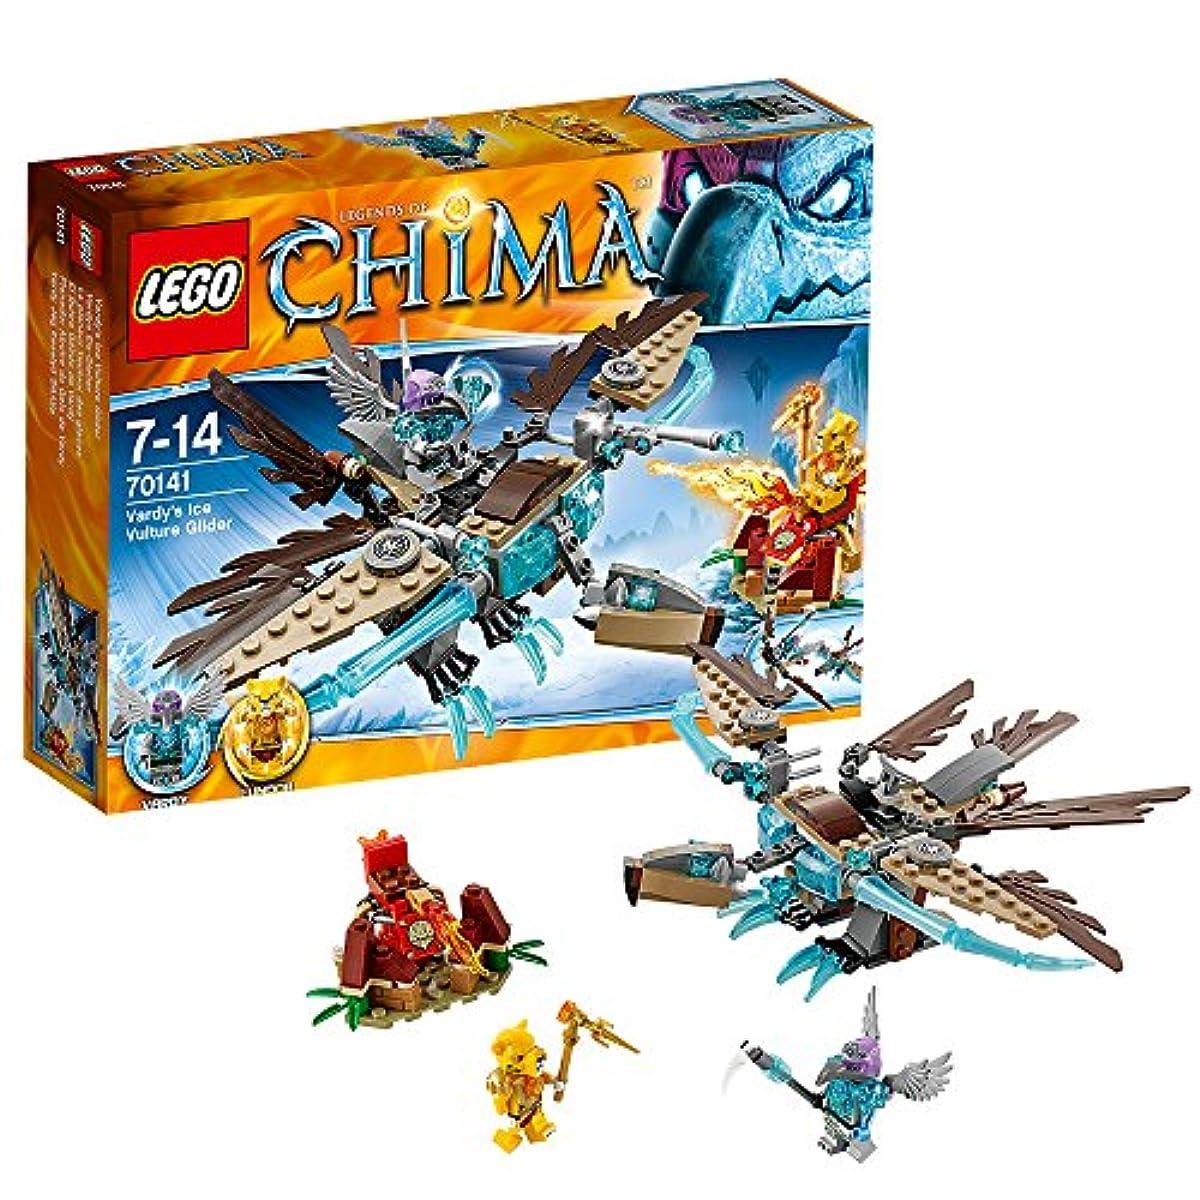 [해외] 레고 (LEGO) 찌마 birdie의 대머리와시글라이더 70141-70141 (2014-07-04)